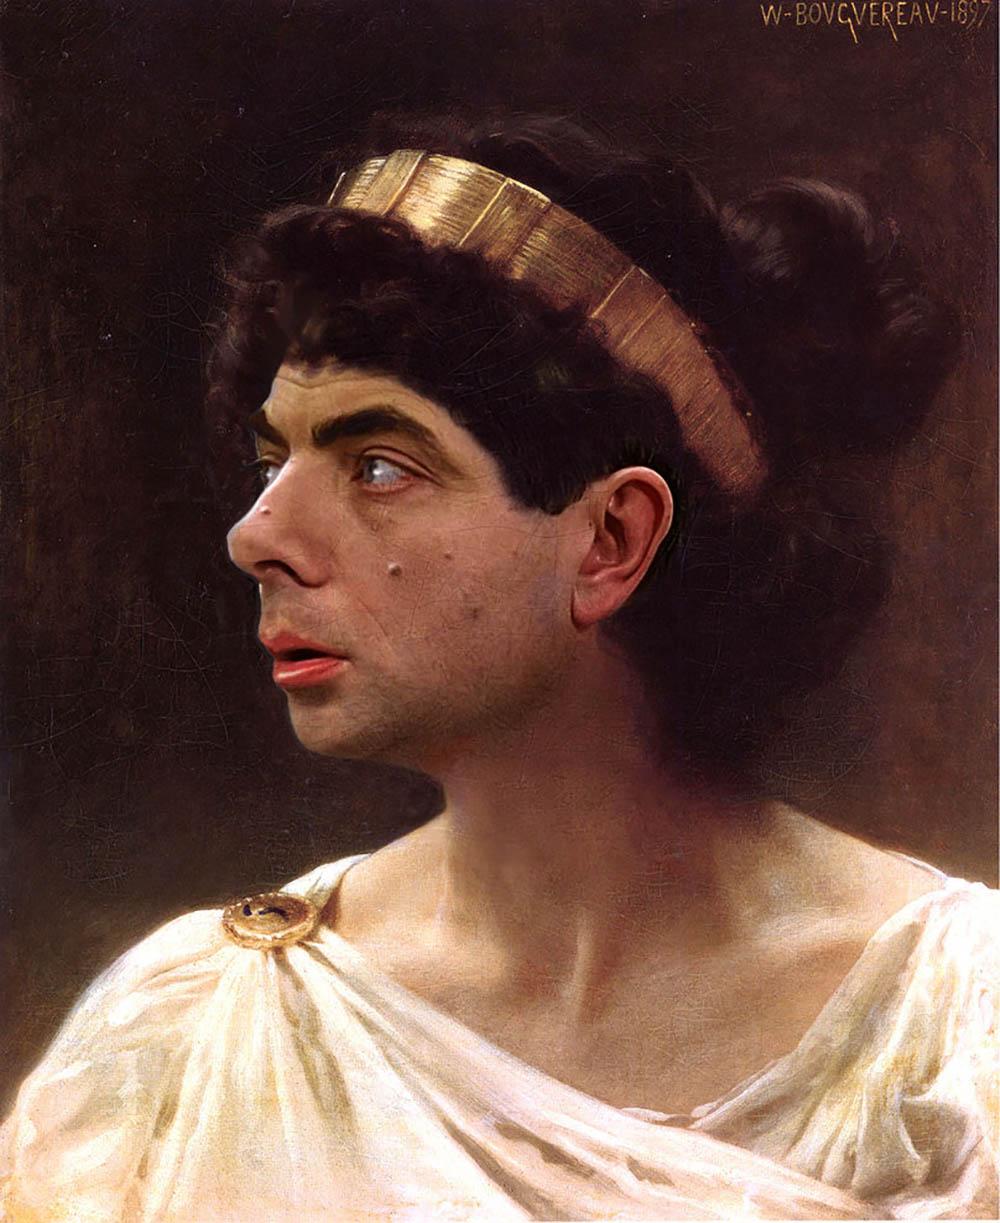 如果油画人物都是憨豆先生